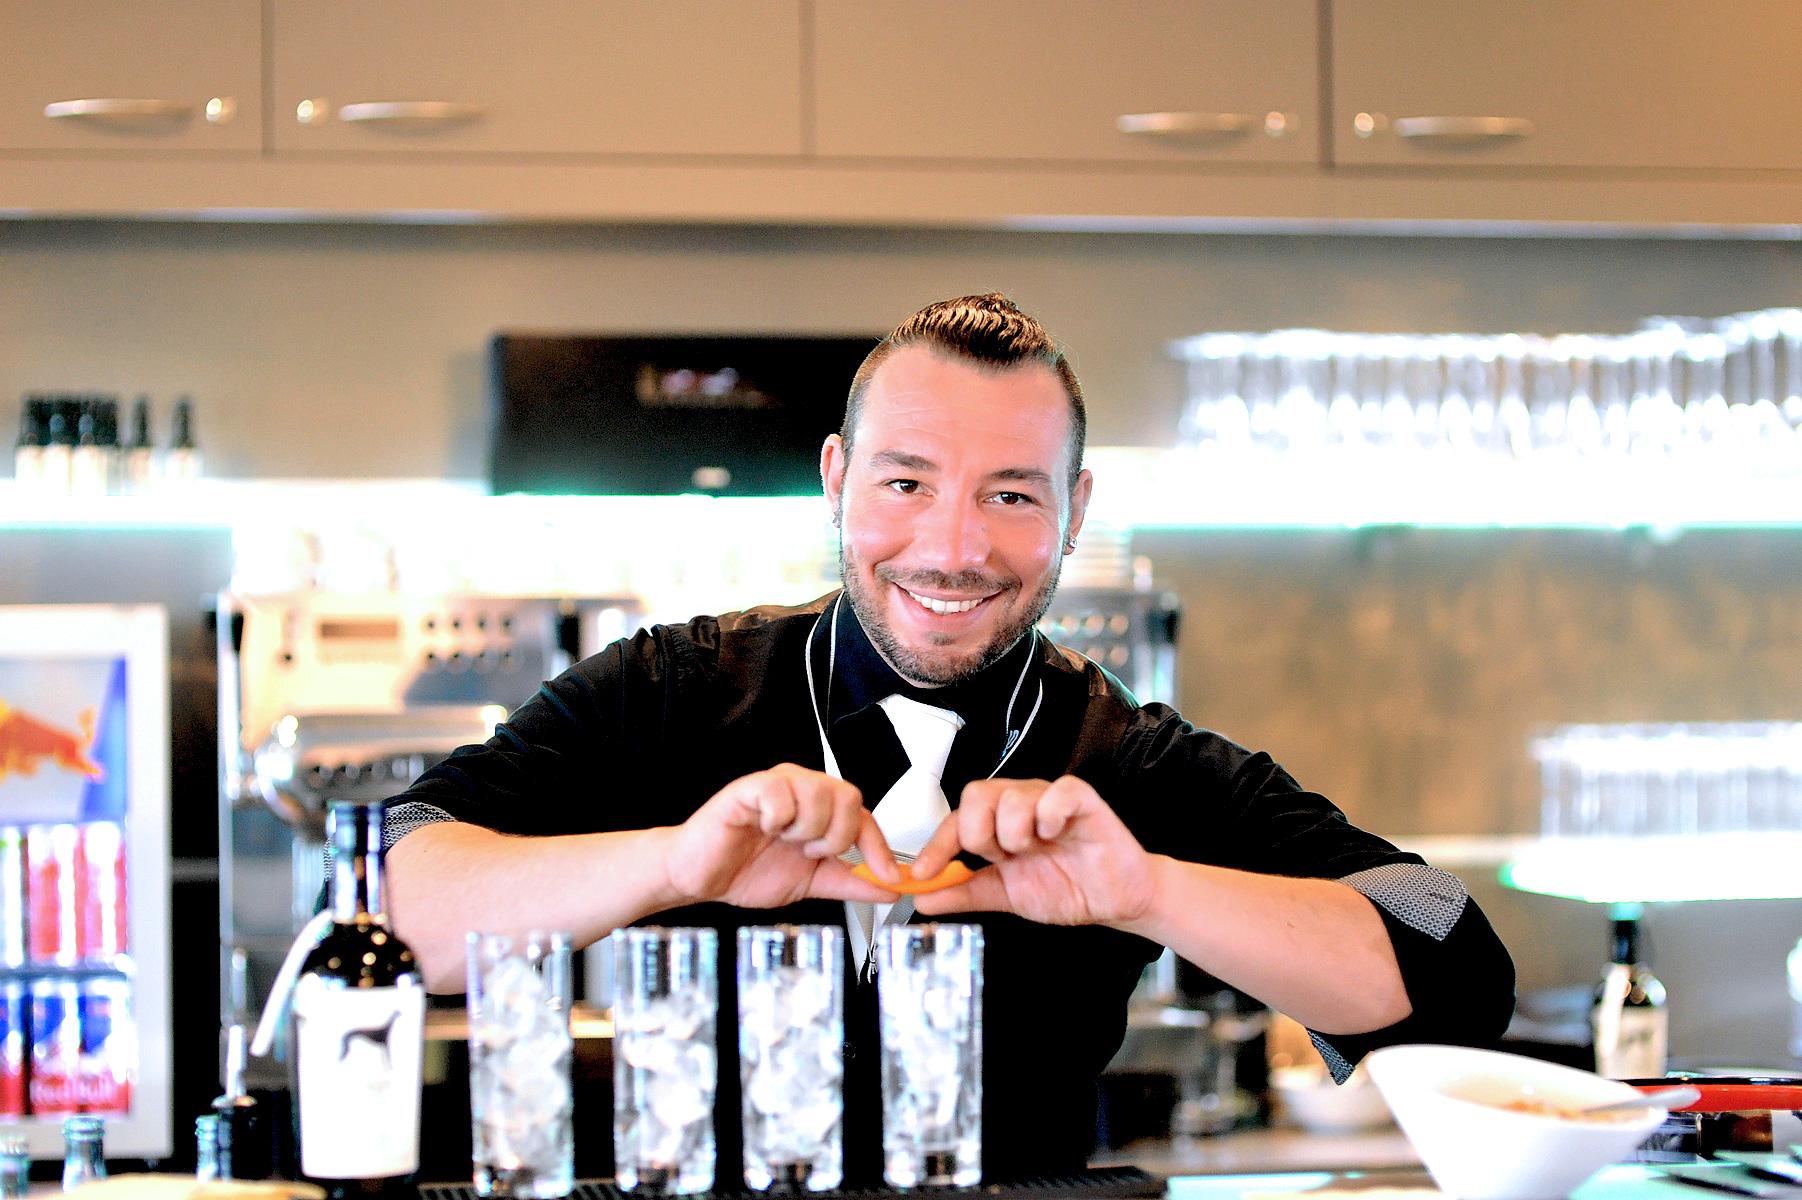 Mario Santoro, Markenbotschafter für Windspiel Gin und Inhaber Second Row Bar, Göppingen